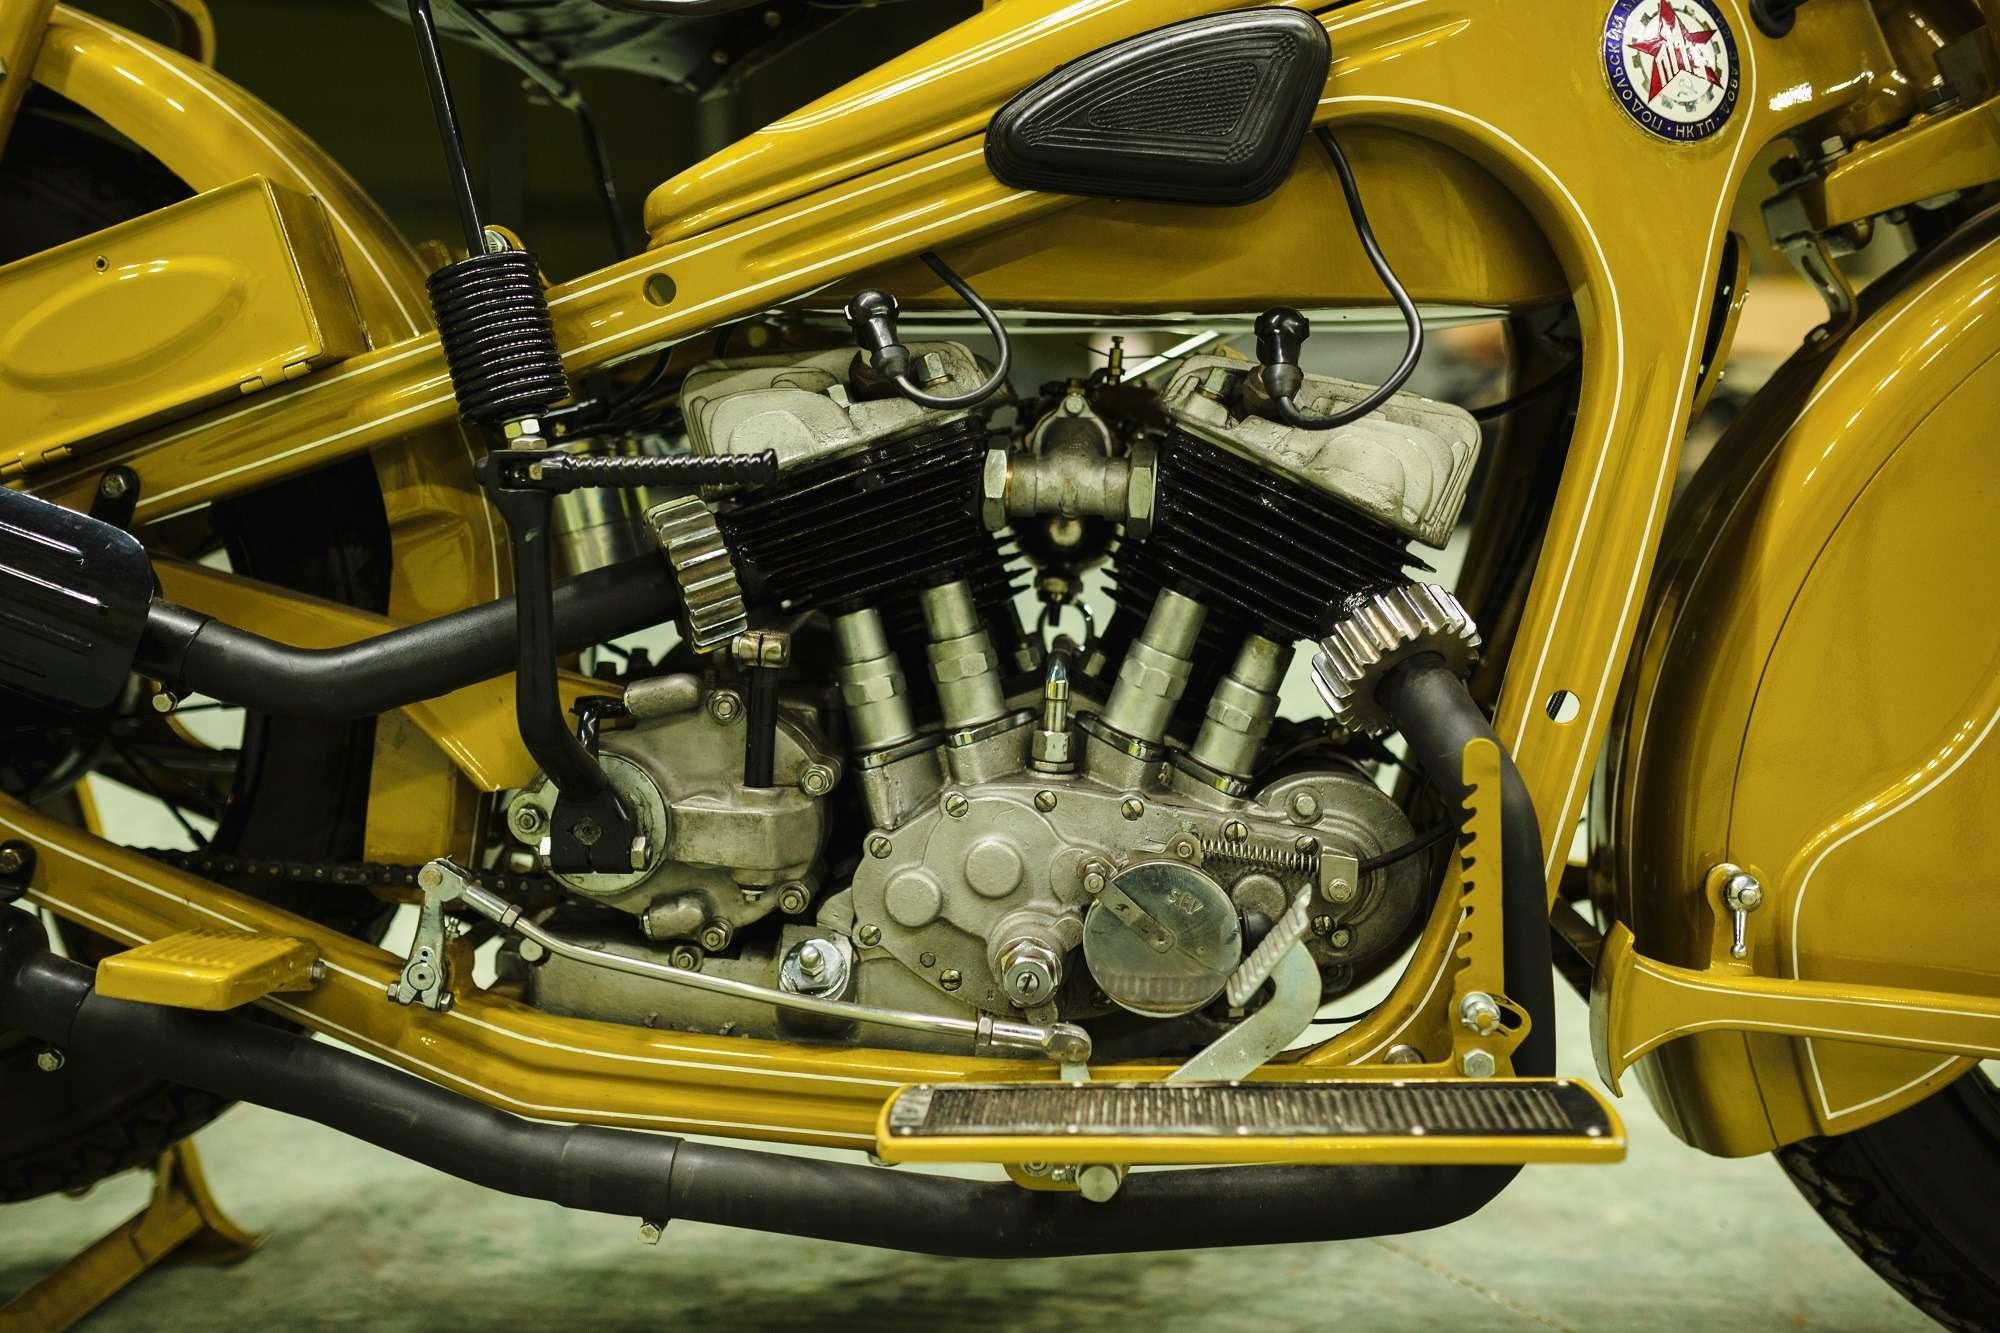 Тяжелый мотоцикл ПМЗ А-750: как Harley-Davidson оказался входовой BMW— фото 927409